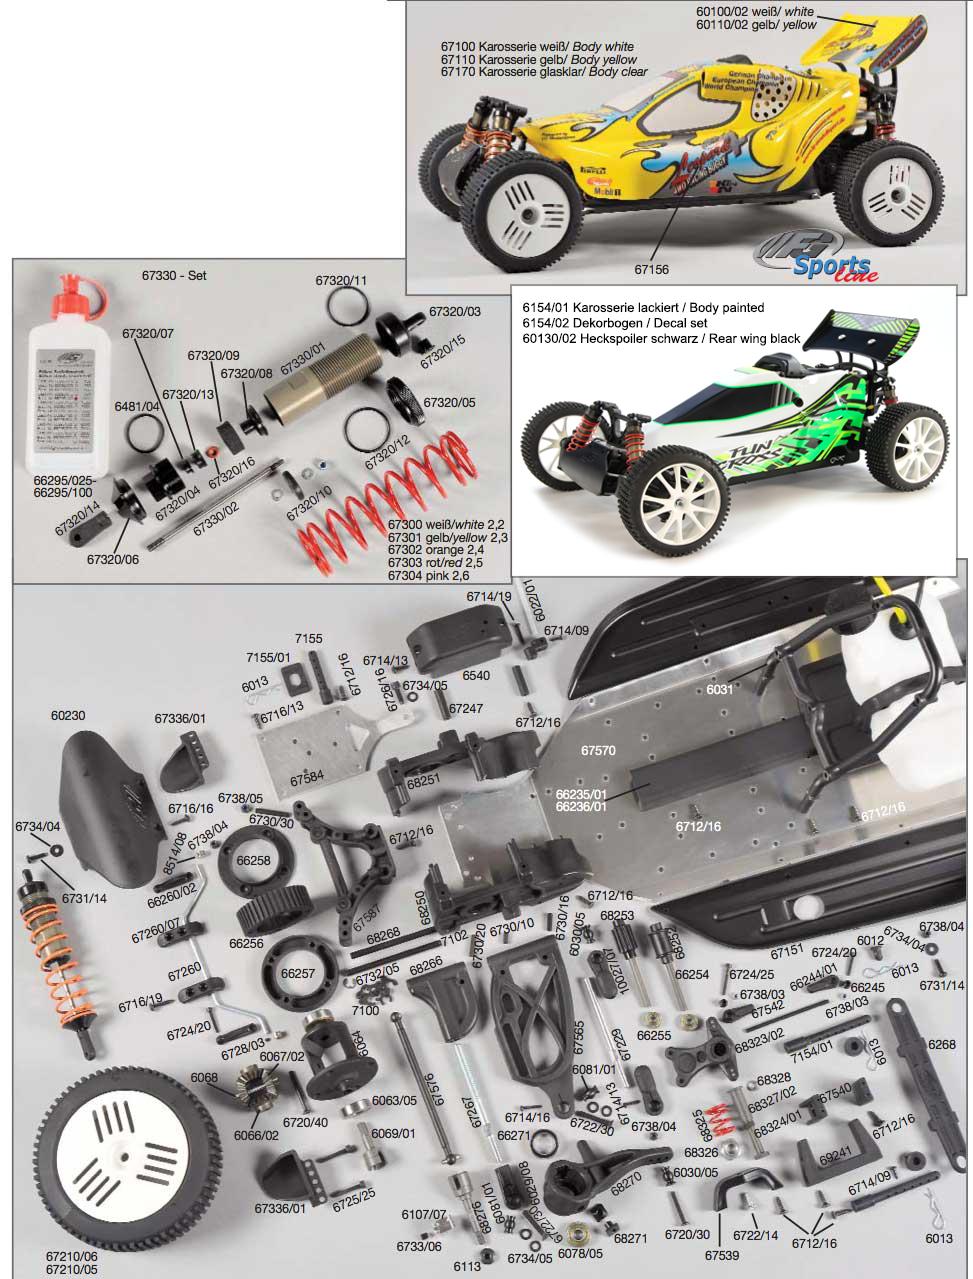 Part Scout - FG - 4WD Buggies - Leopard Sportsline 4WD / Fun Cross ...